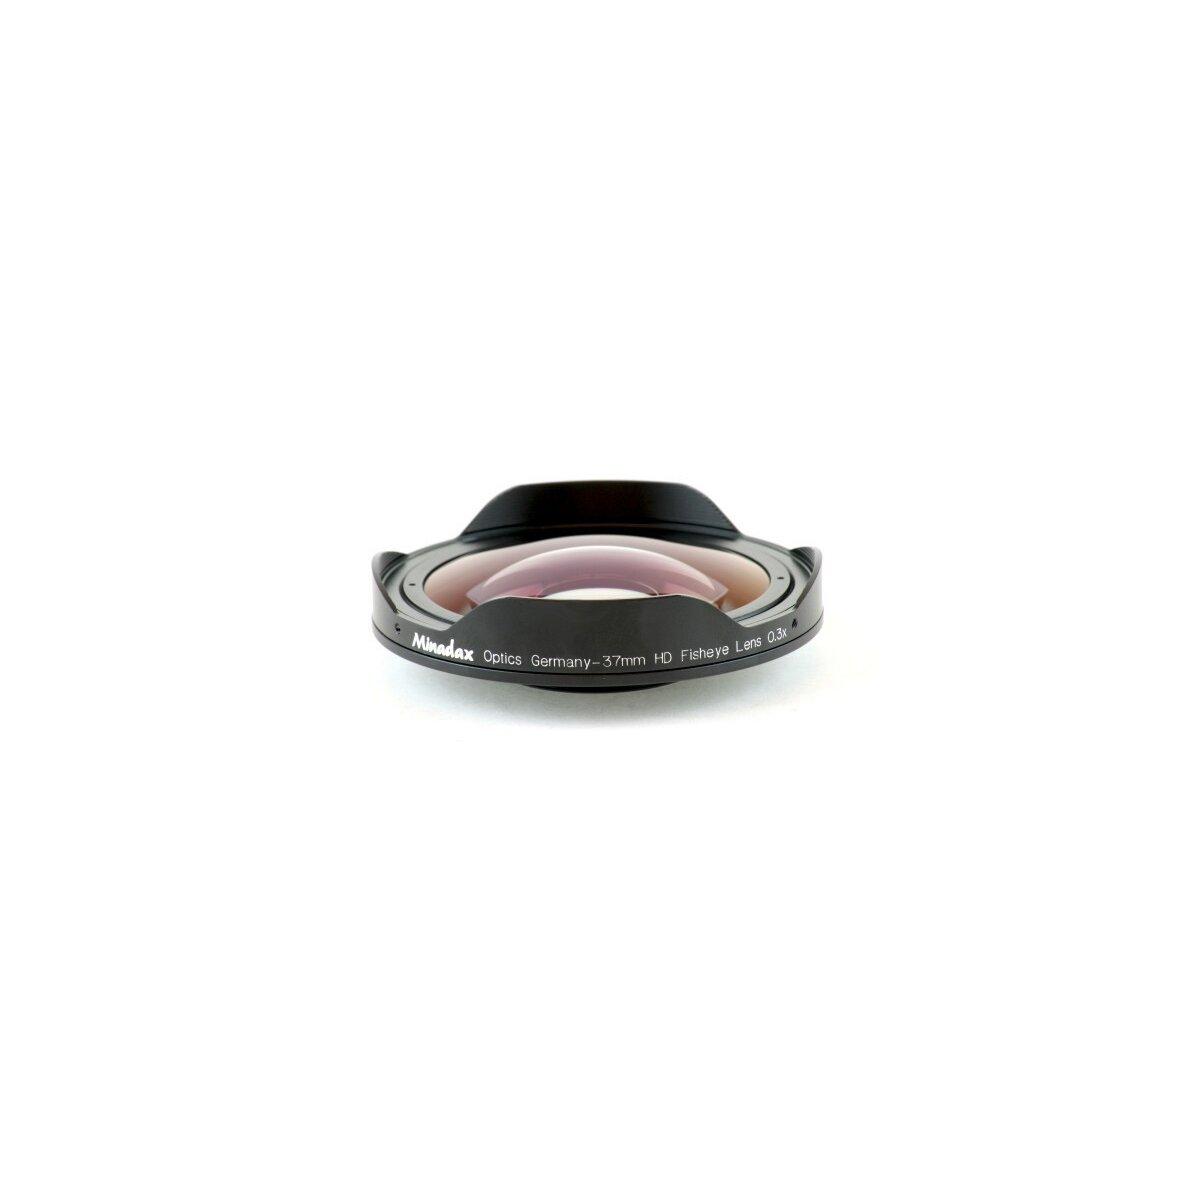 Minadax 0.3x Ultra Fisheye Konverter kompatibel mit Canon MV800, MV830, MV830i, MV850i, MV880X, MV6iMC